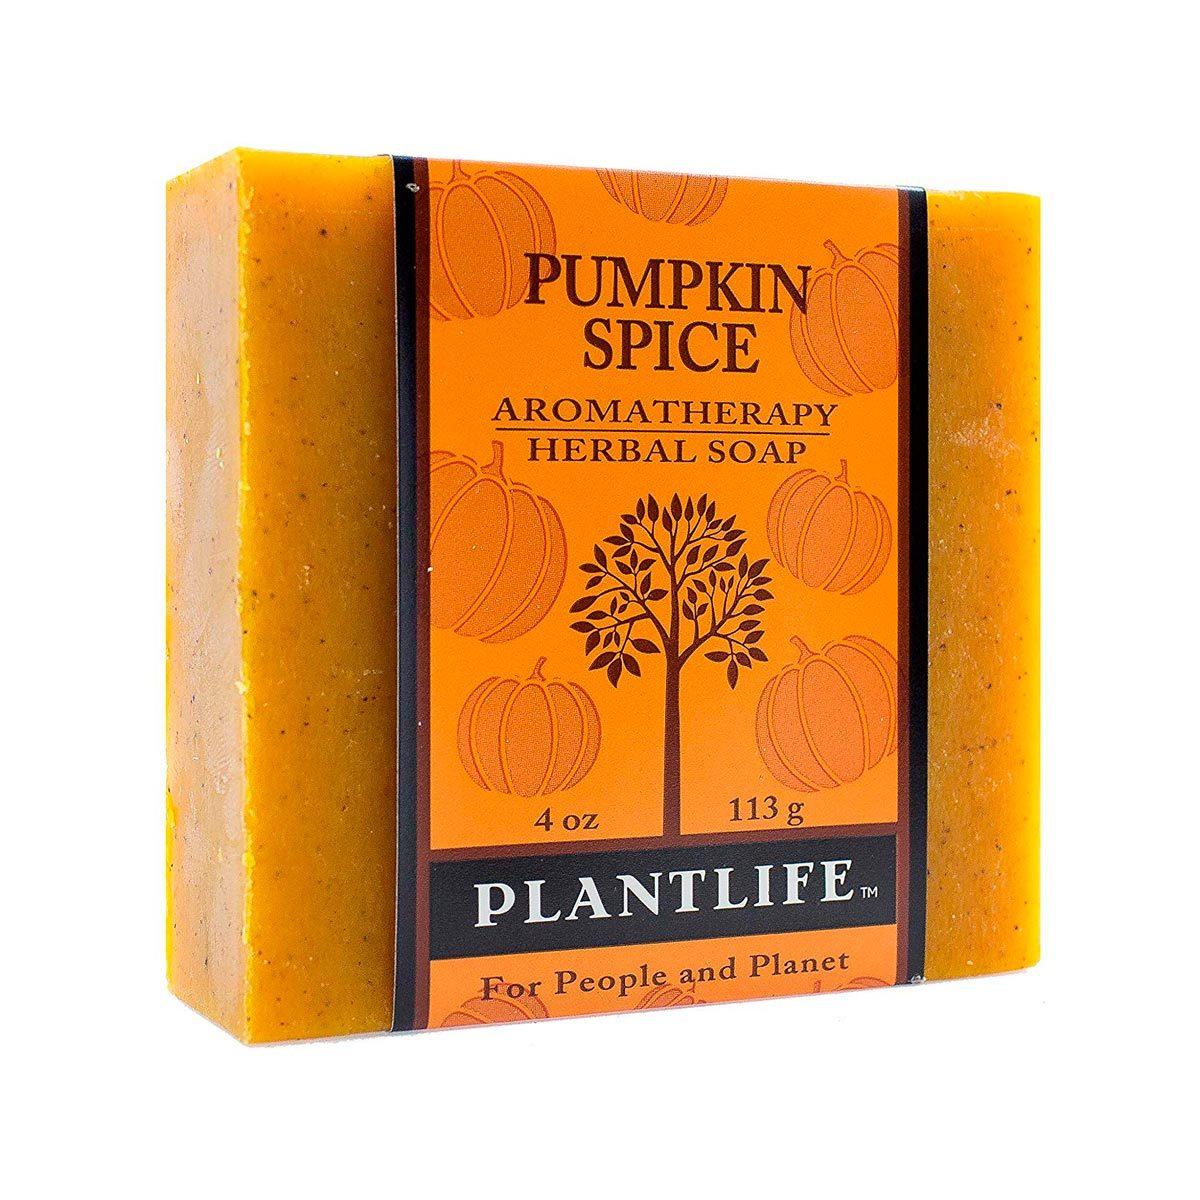 pumpkin spice herbal soap